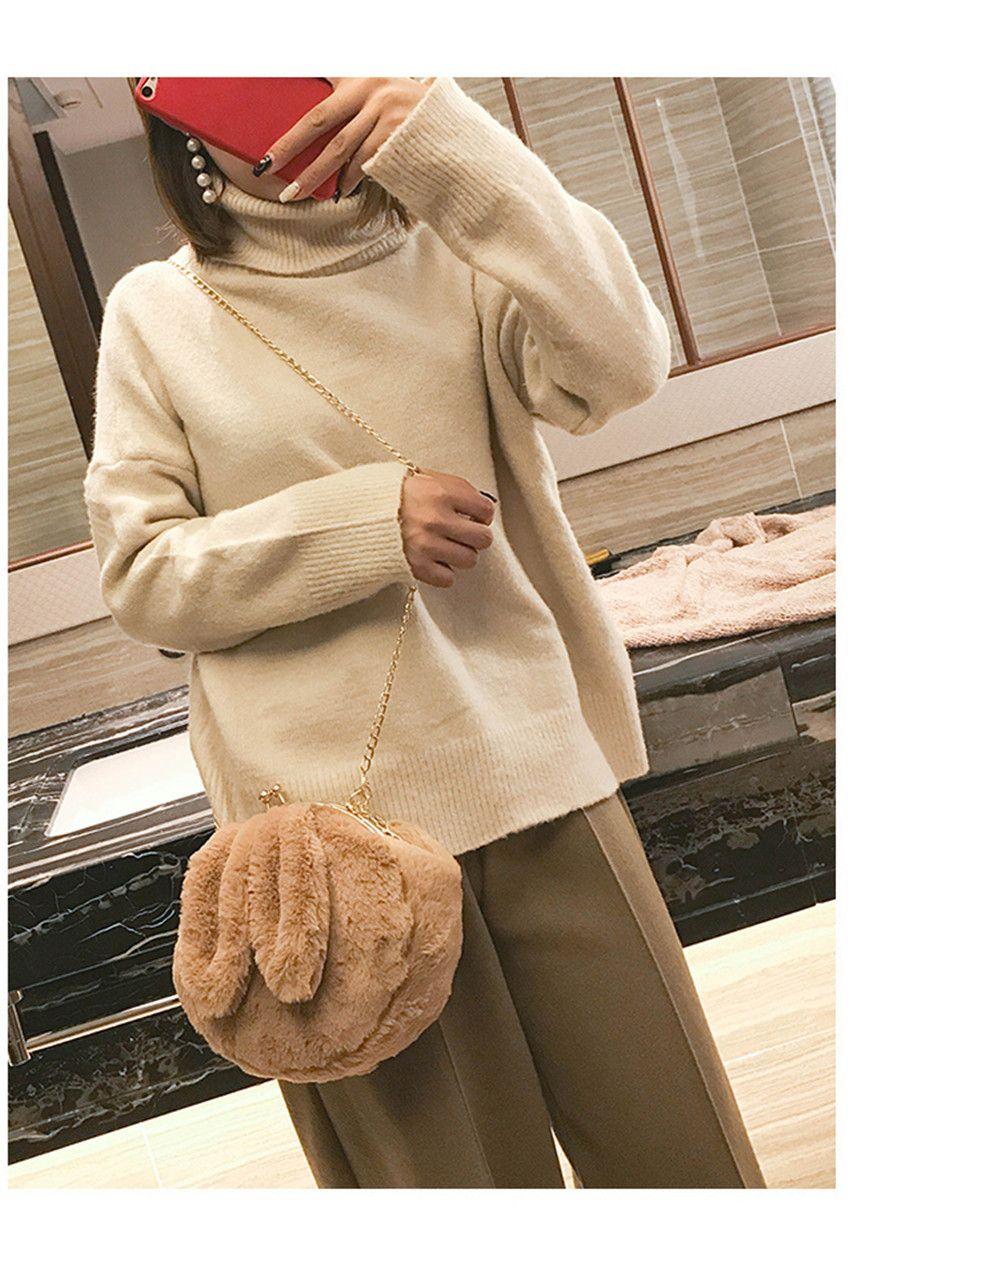 New Ear Bag Cute Soft Cute Messenger Handbag Fashion Folder Chain Fur Bag